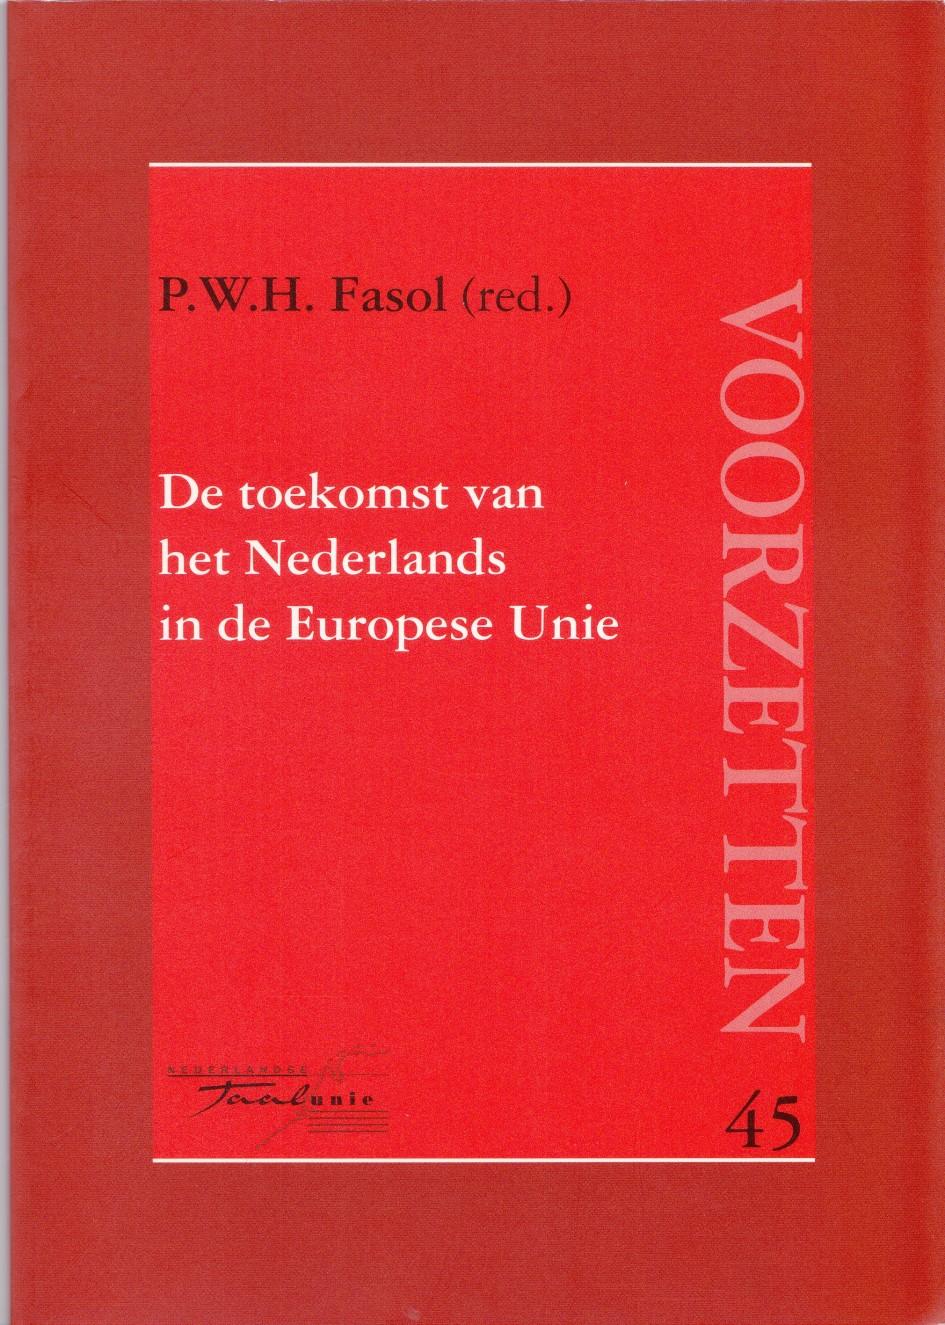 De toekomst van het Nederlands in de Europese Unie